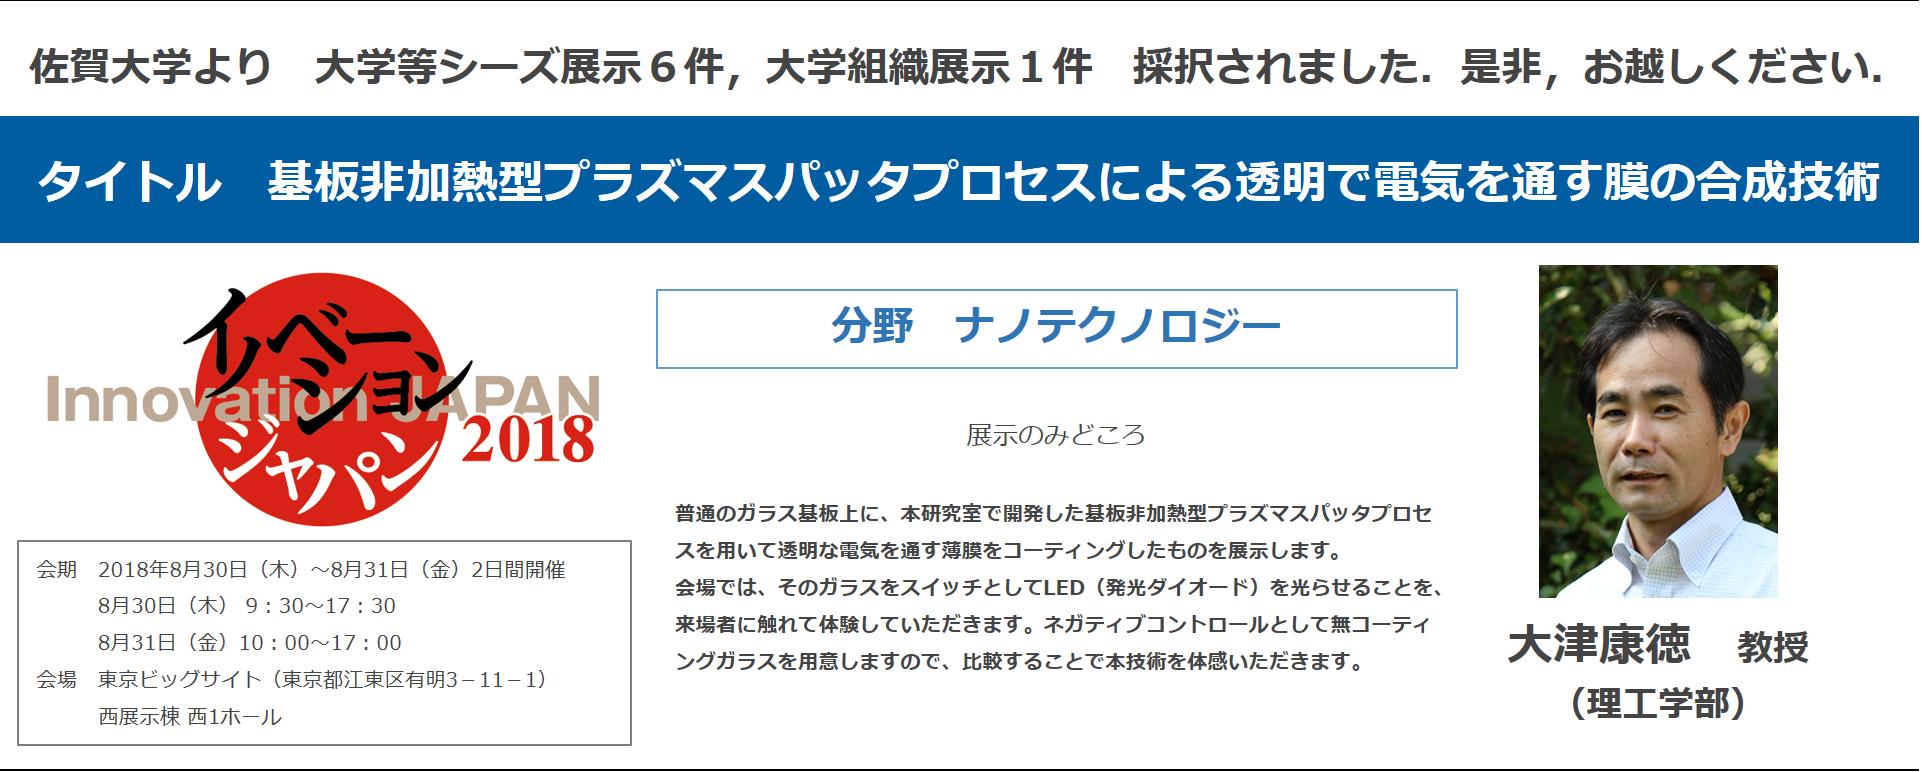 イノベーションジャパン(大津先生)